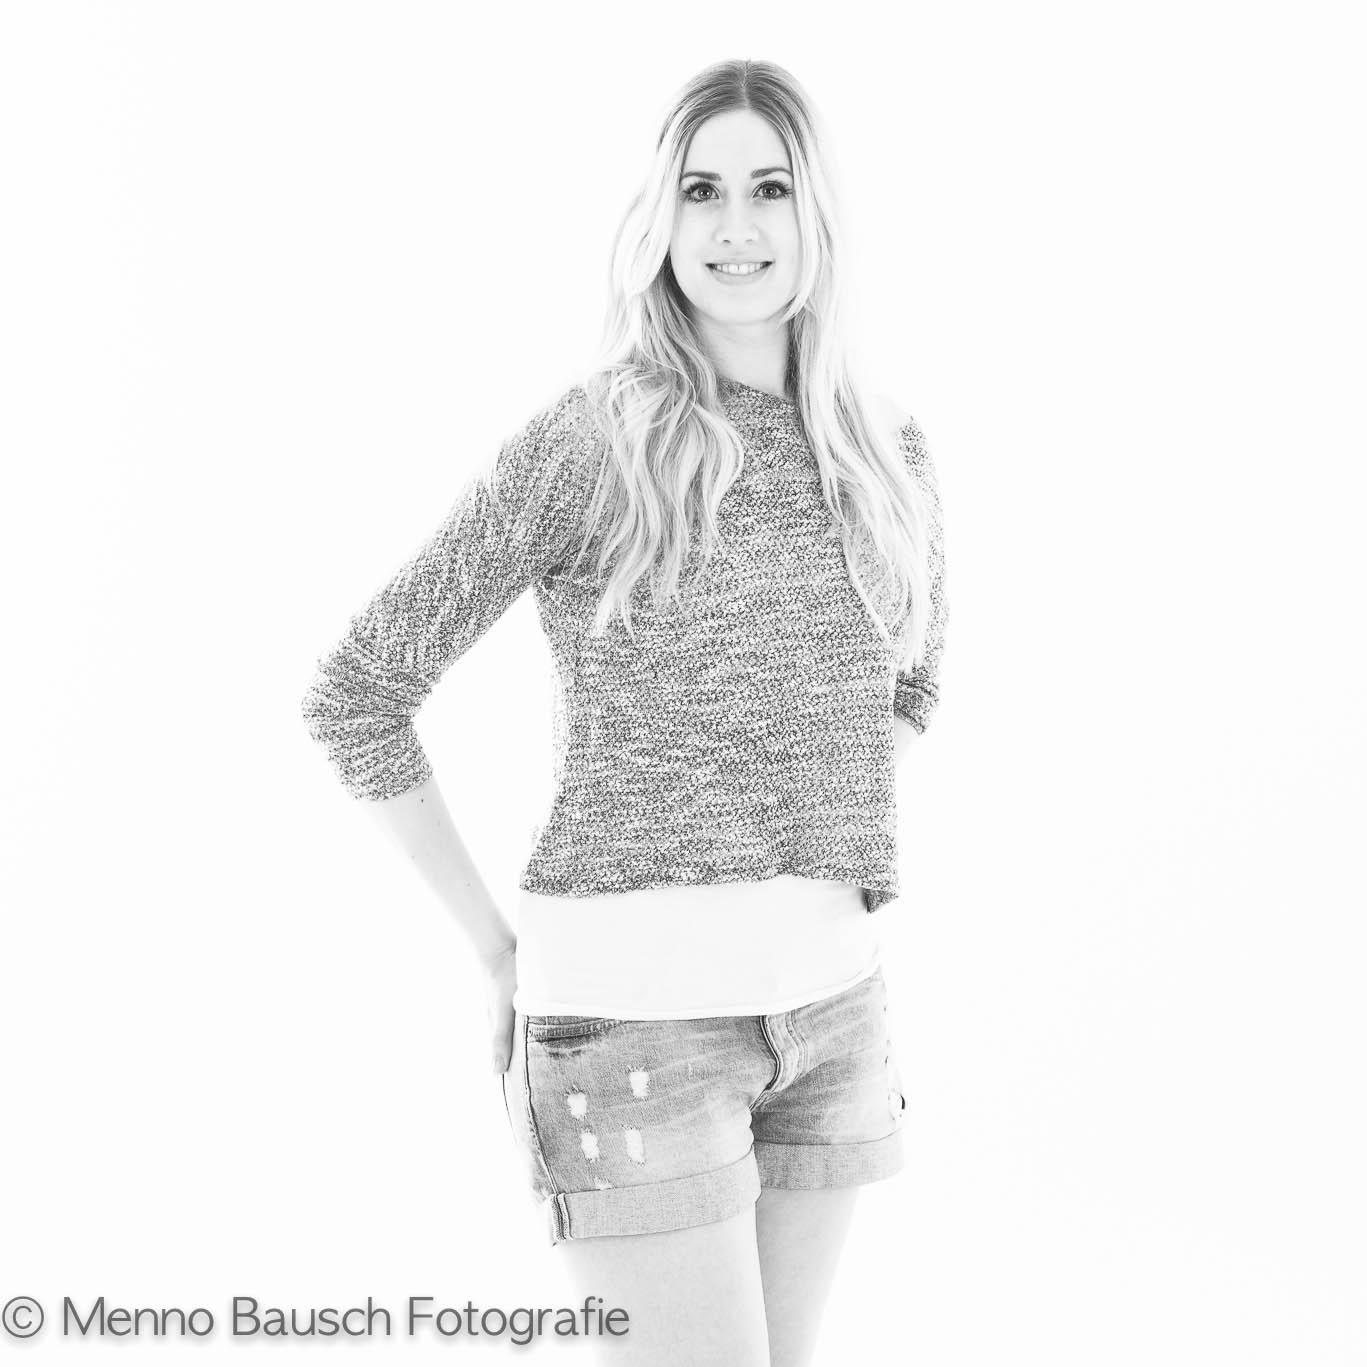 Menno Bausch Fotografie29-2